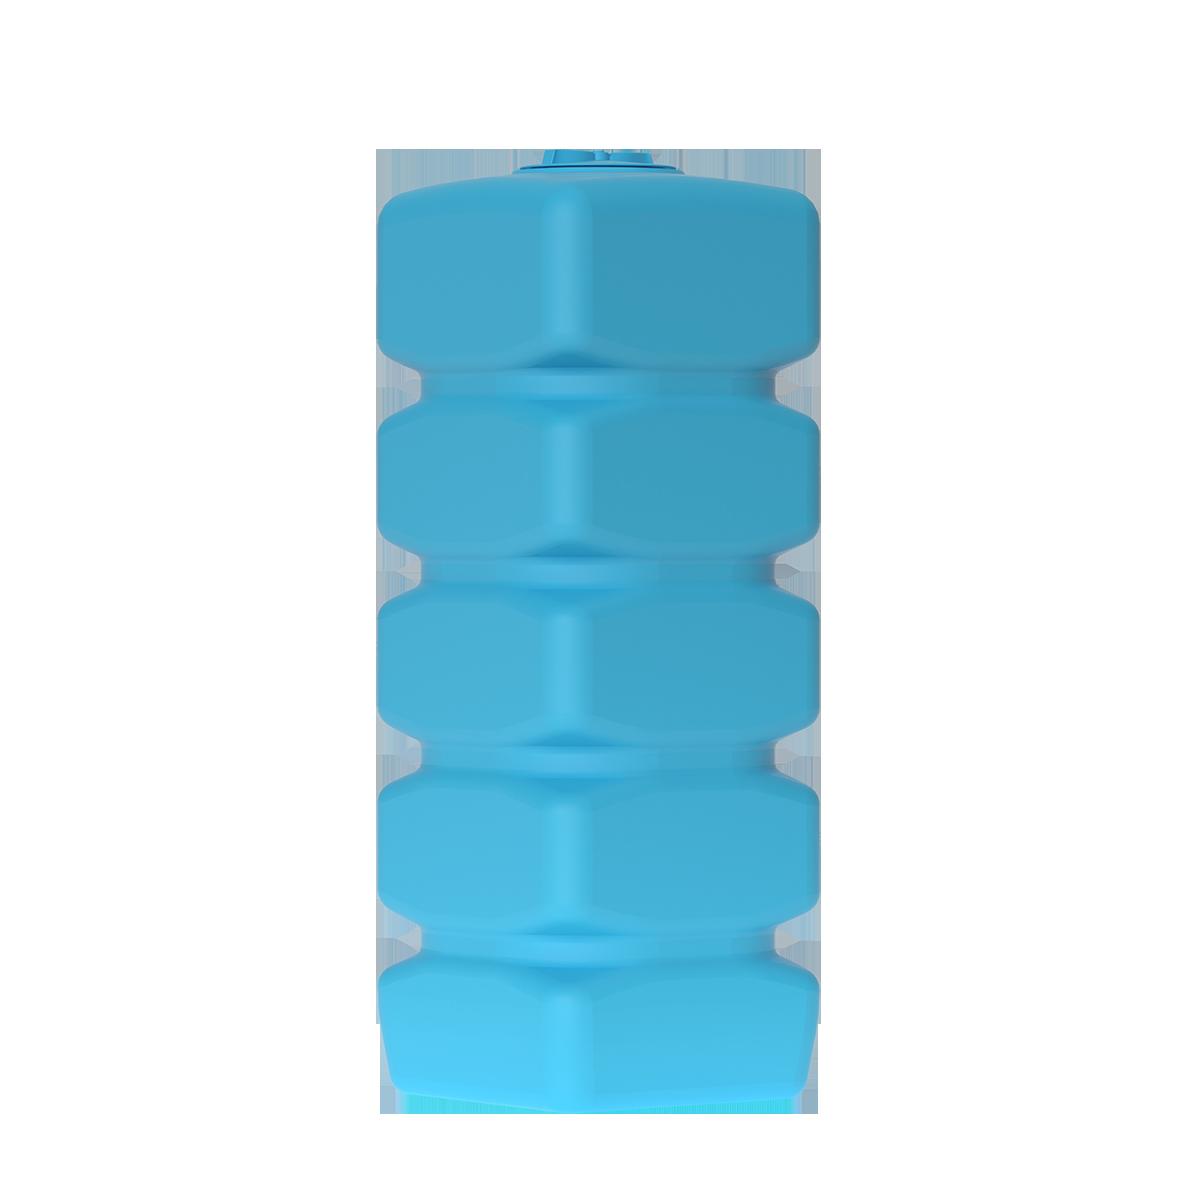 Бак для воды прямоугольный синий Quadro W 1500 с поплавком - фото